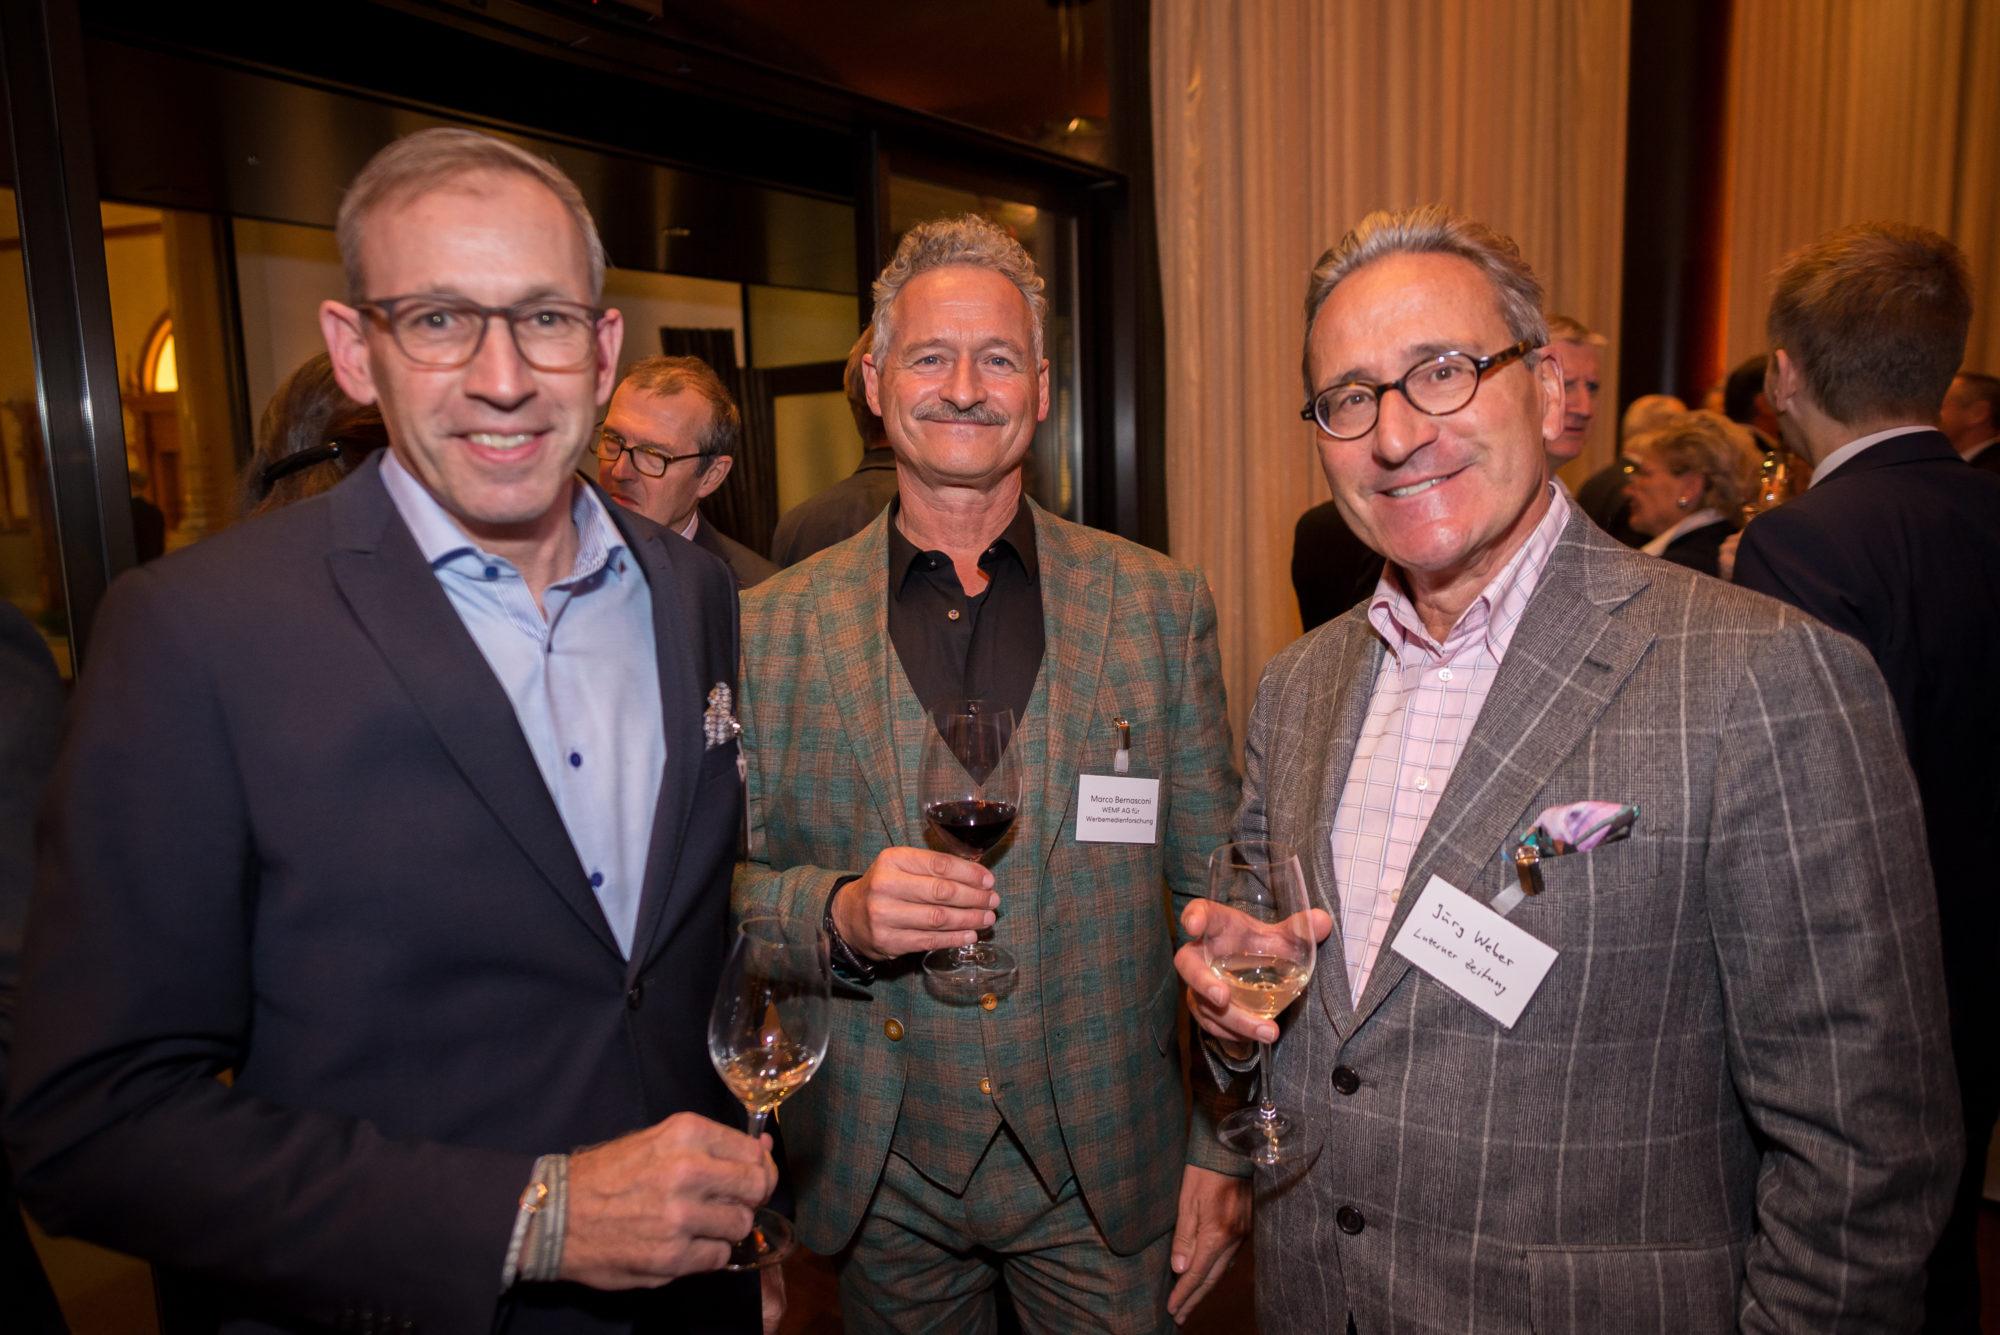 Philipp Wyss (Coop Genossenschaft), Marco Bernasconi (WEMF AG für Werbemedienforschung), Jürg Weber (Luzerner Zeitung)